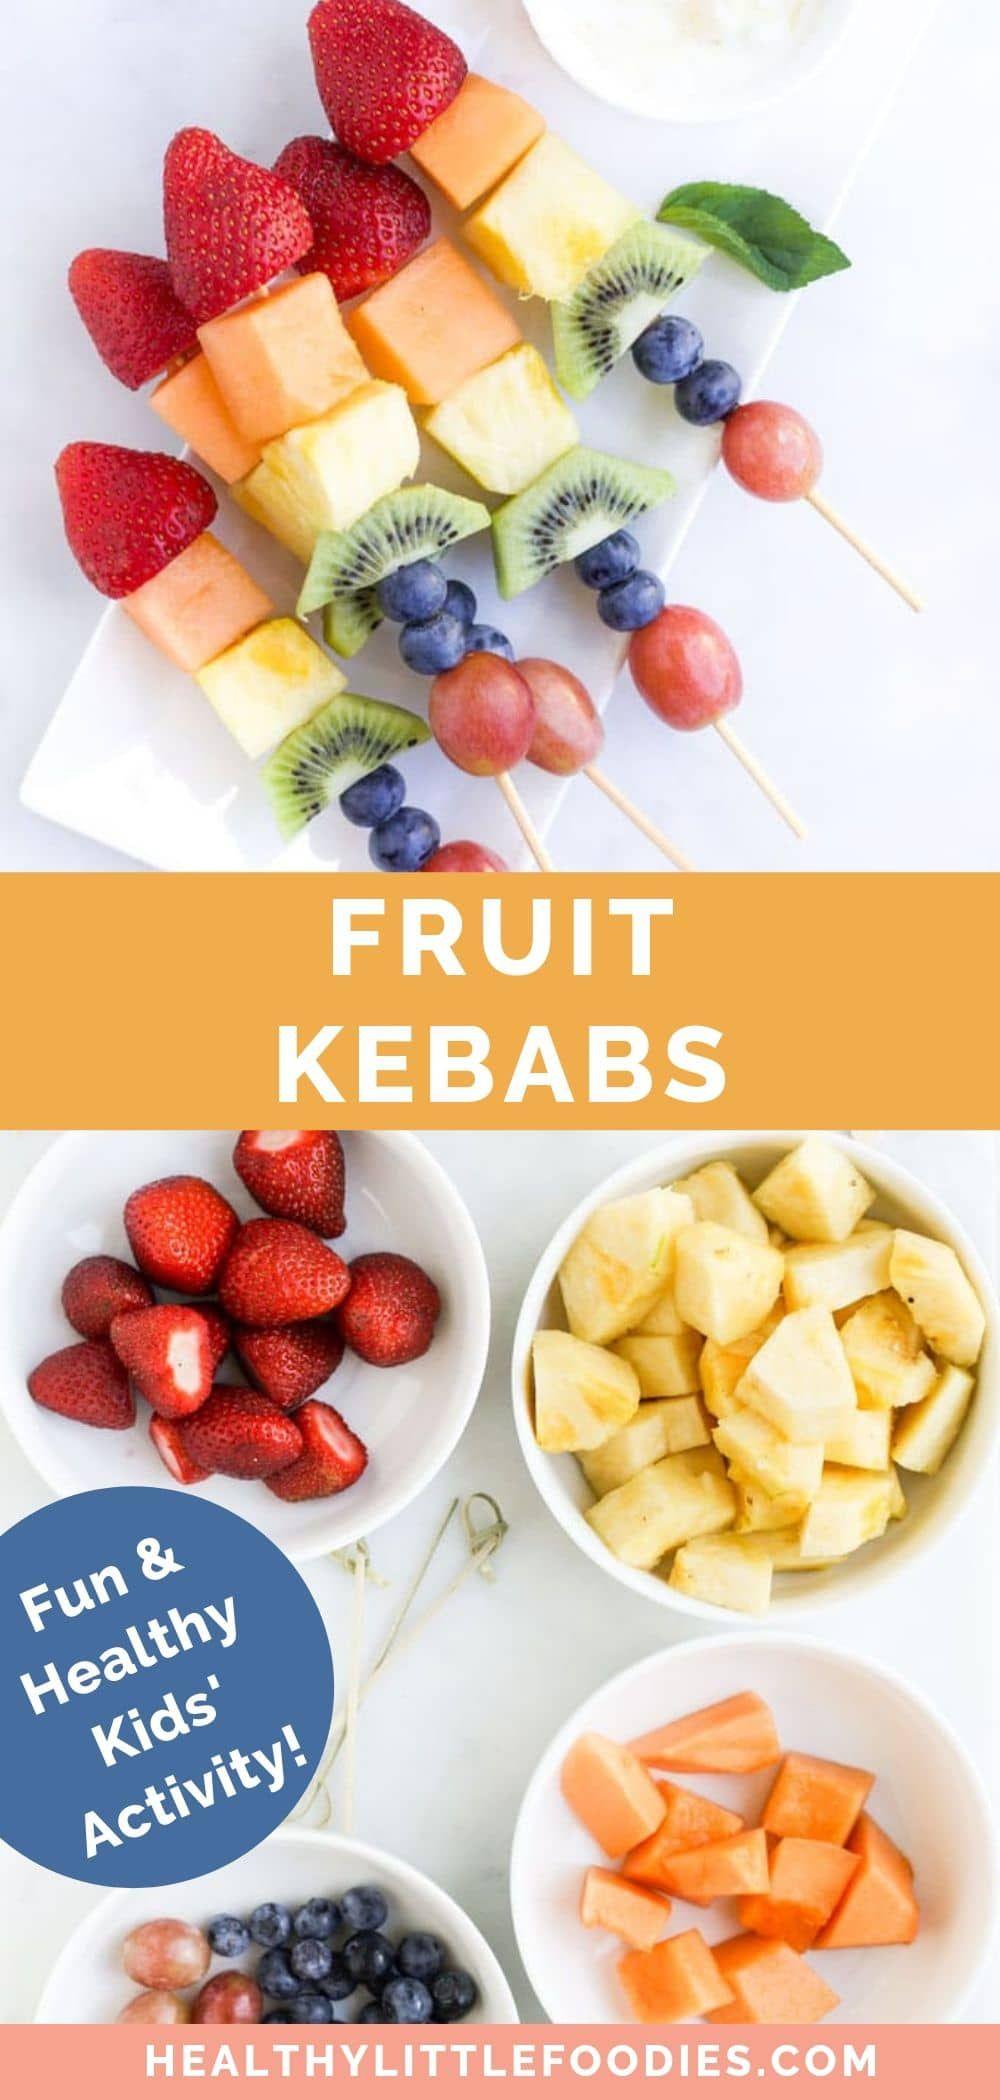 Fruit Kebabs Healthy Little Foodies Recipe Fruit Kebabs Health Dessert Recipes Healthy Party Food